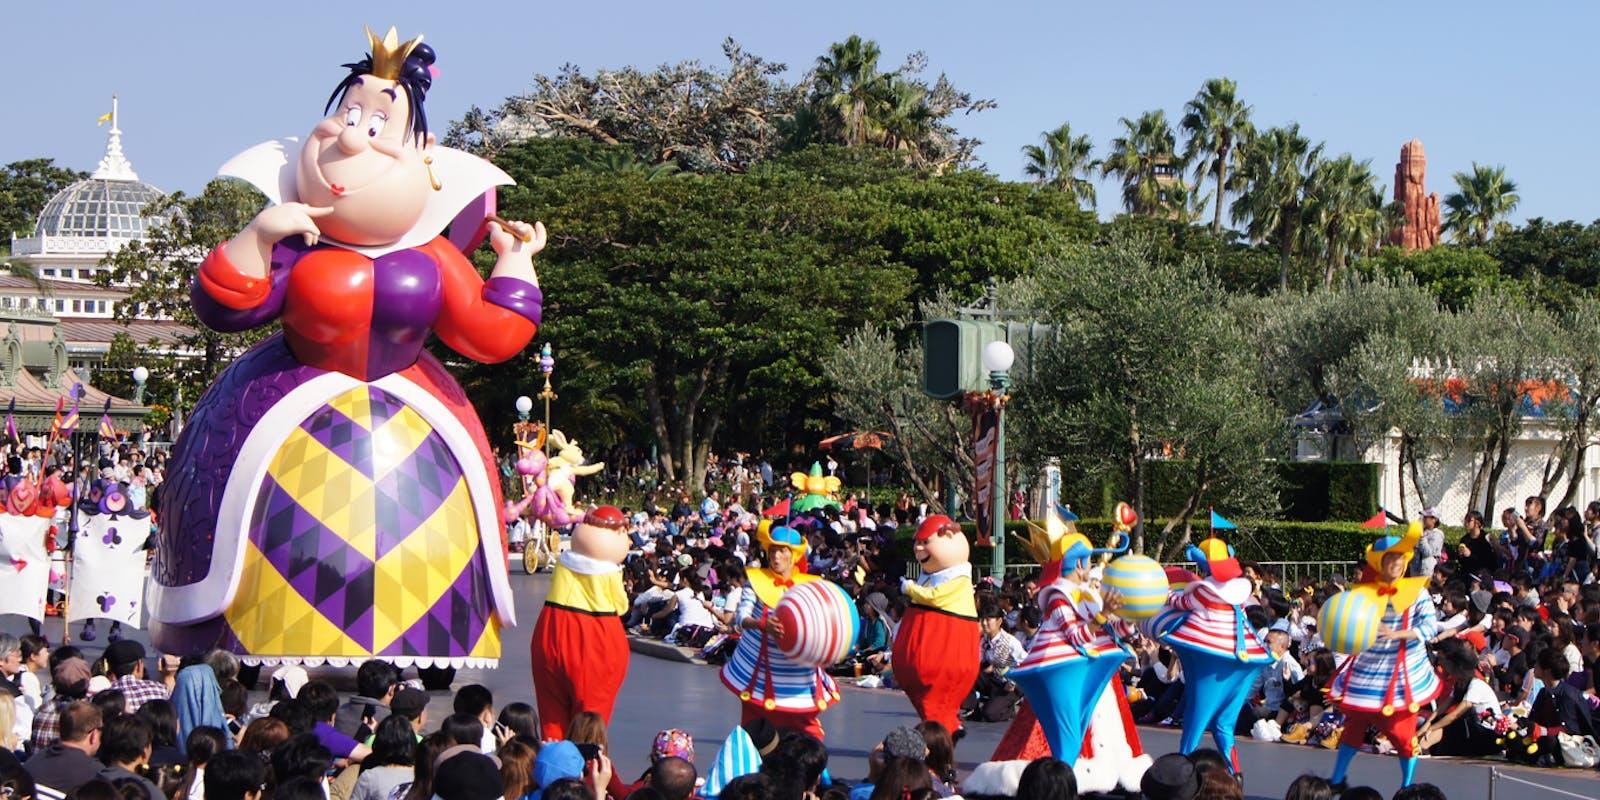 Jody Daily : «J'aime que les parades Disney véhiculent de la fantaisie»